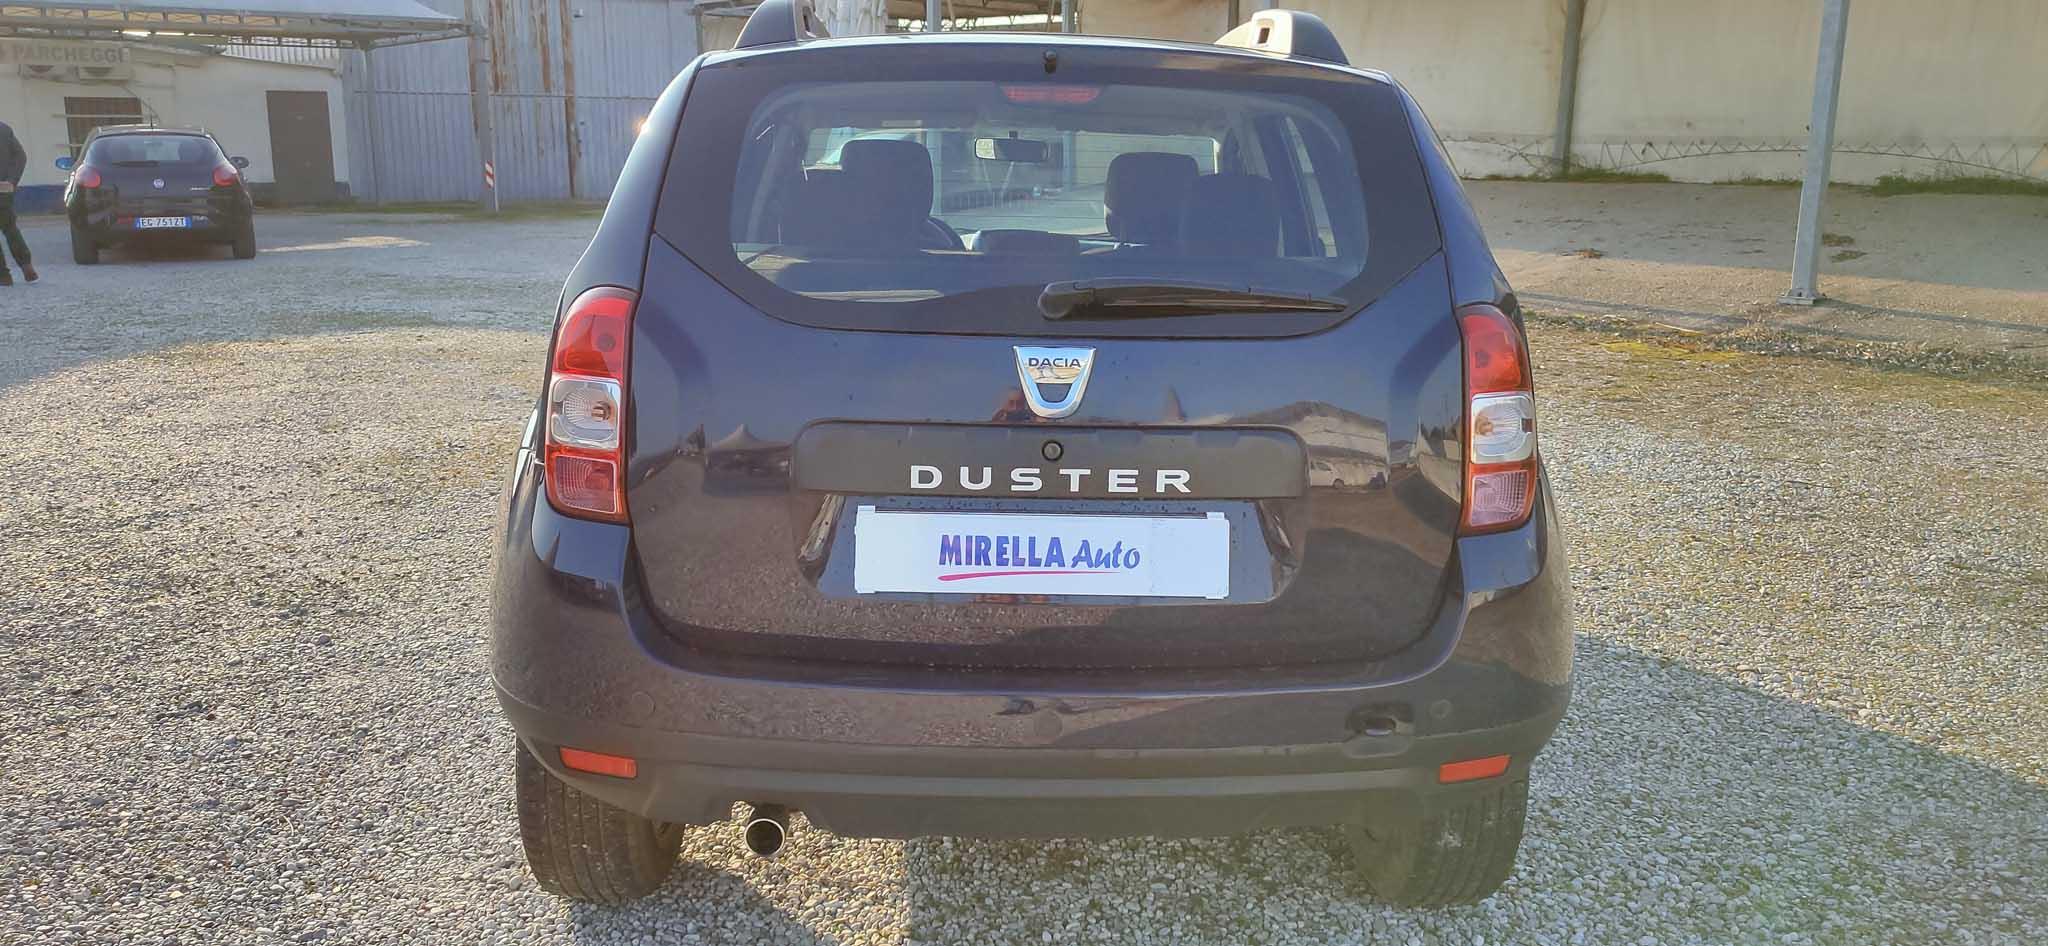 duster-gpl-mirella-auto-9